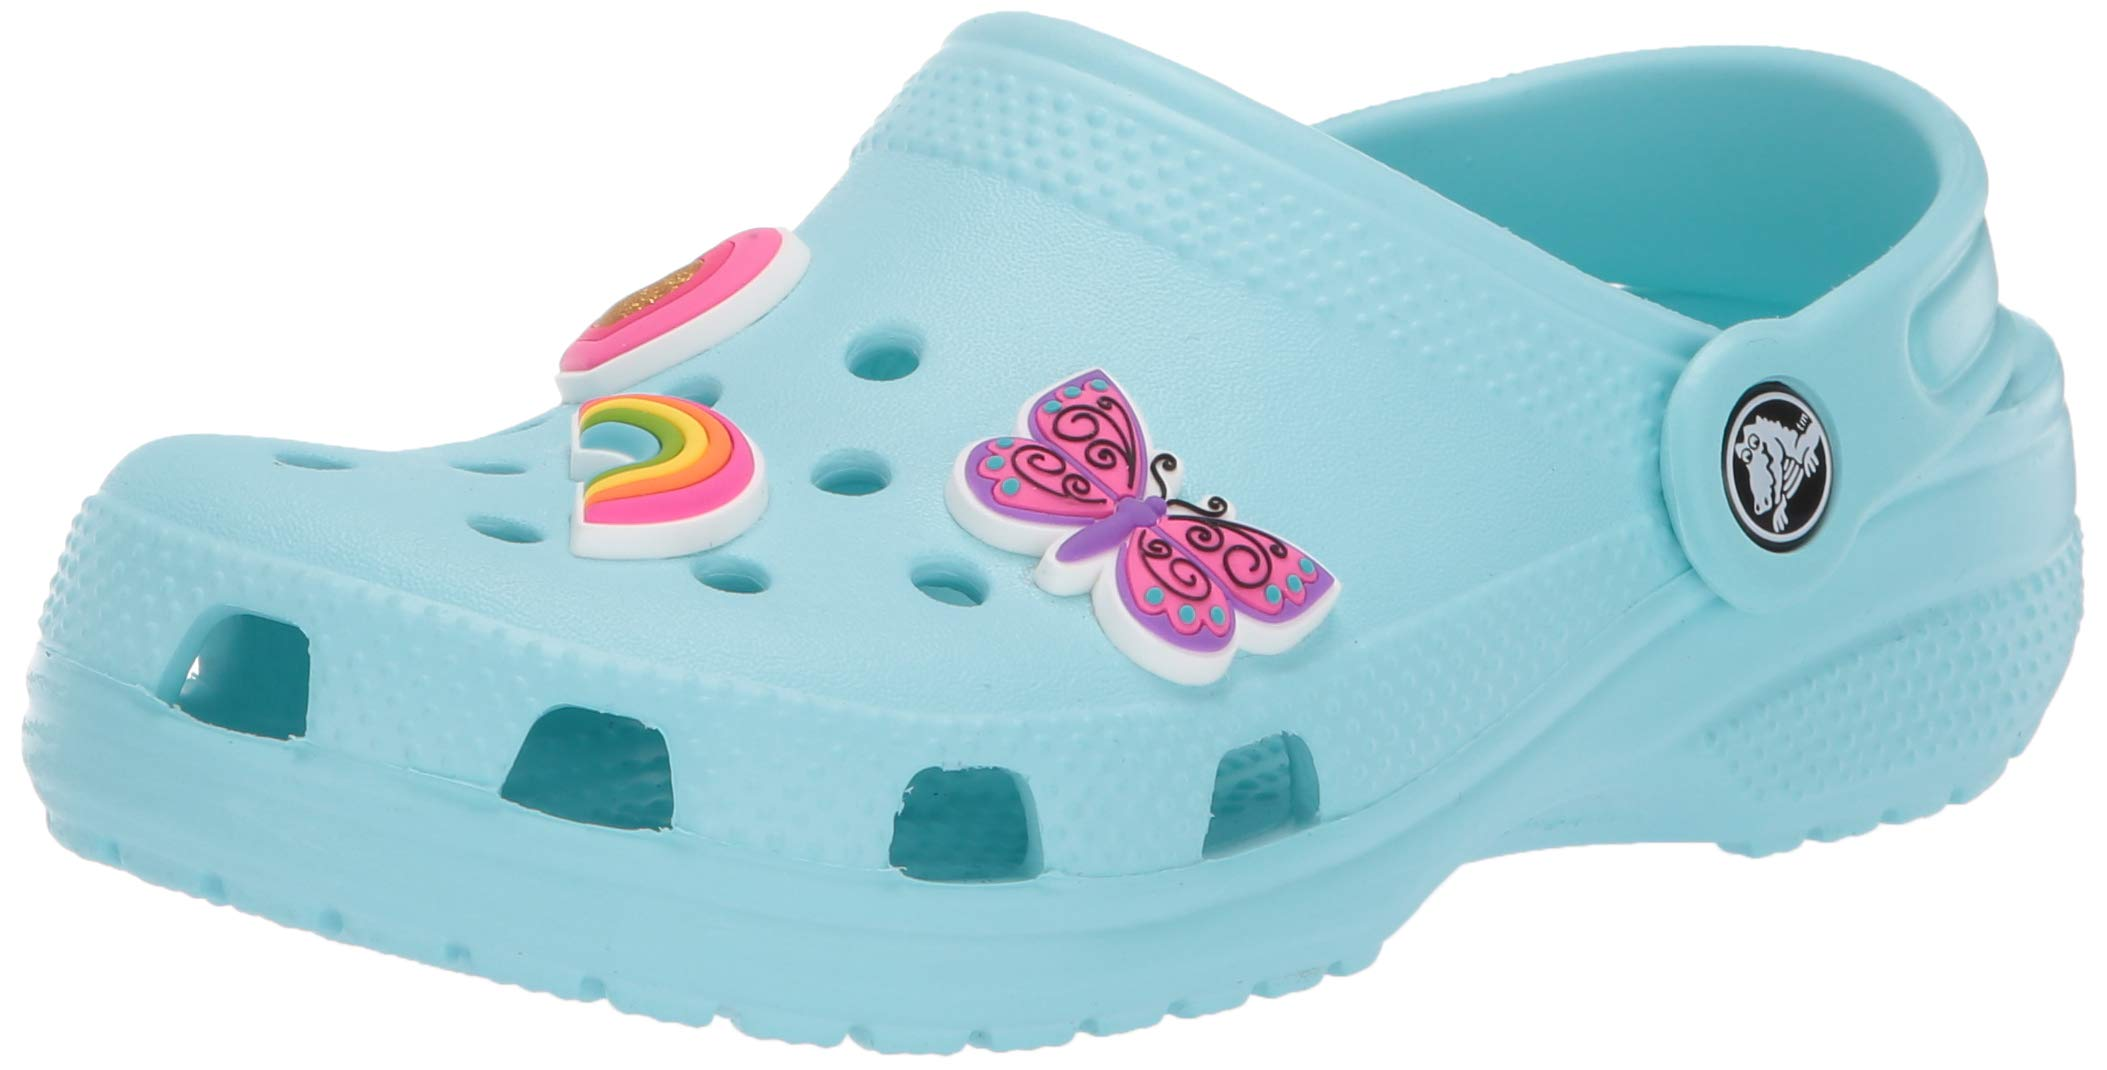 Crocs Classic Charm Clog, Ice Blue, 2 M US Little Kid by Crocs